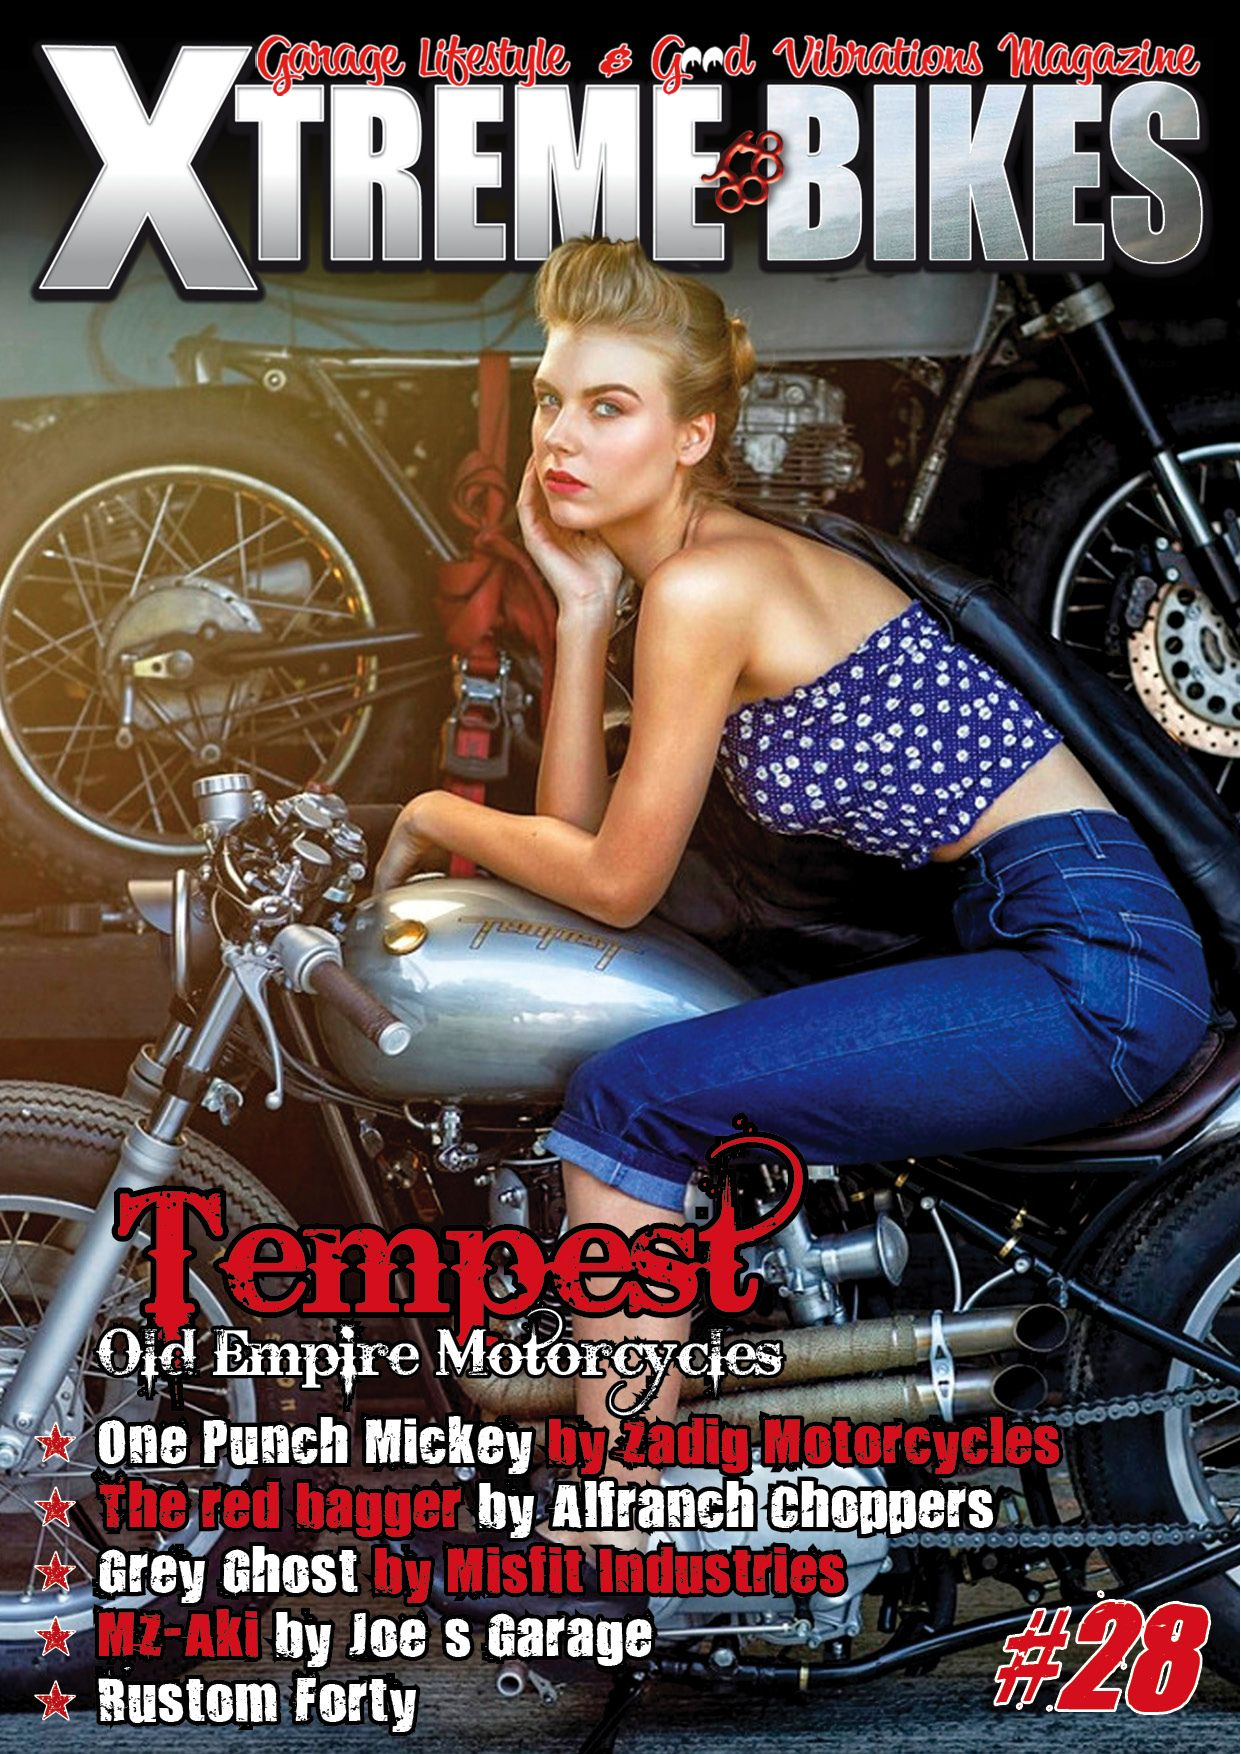 Xtreme Bikes #28